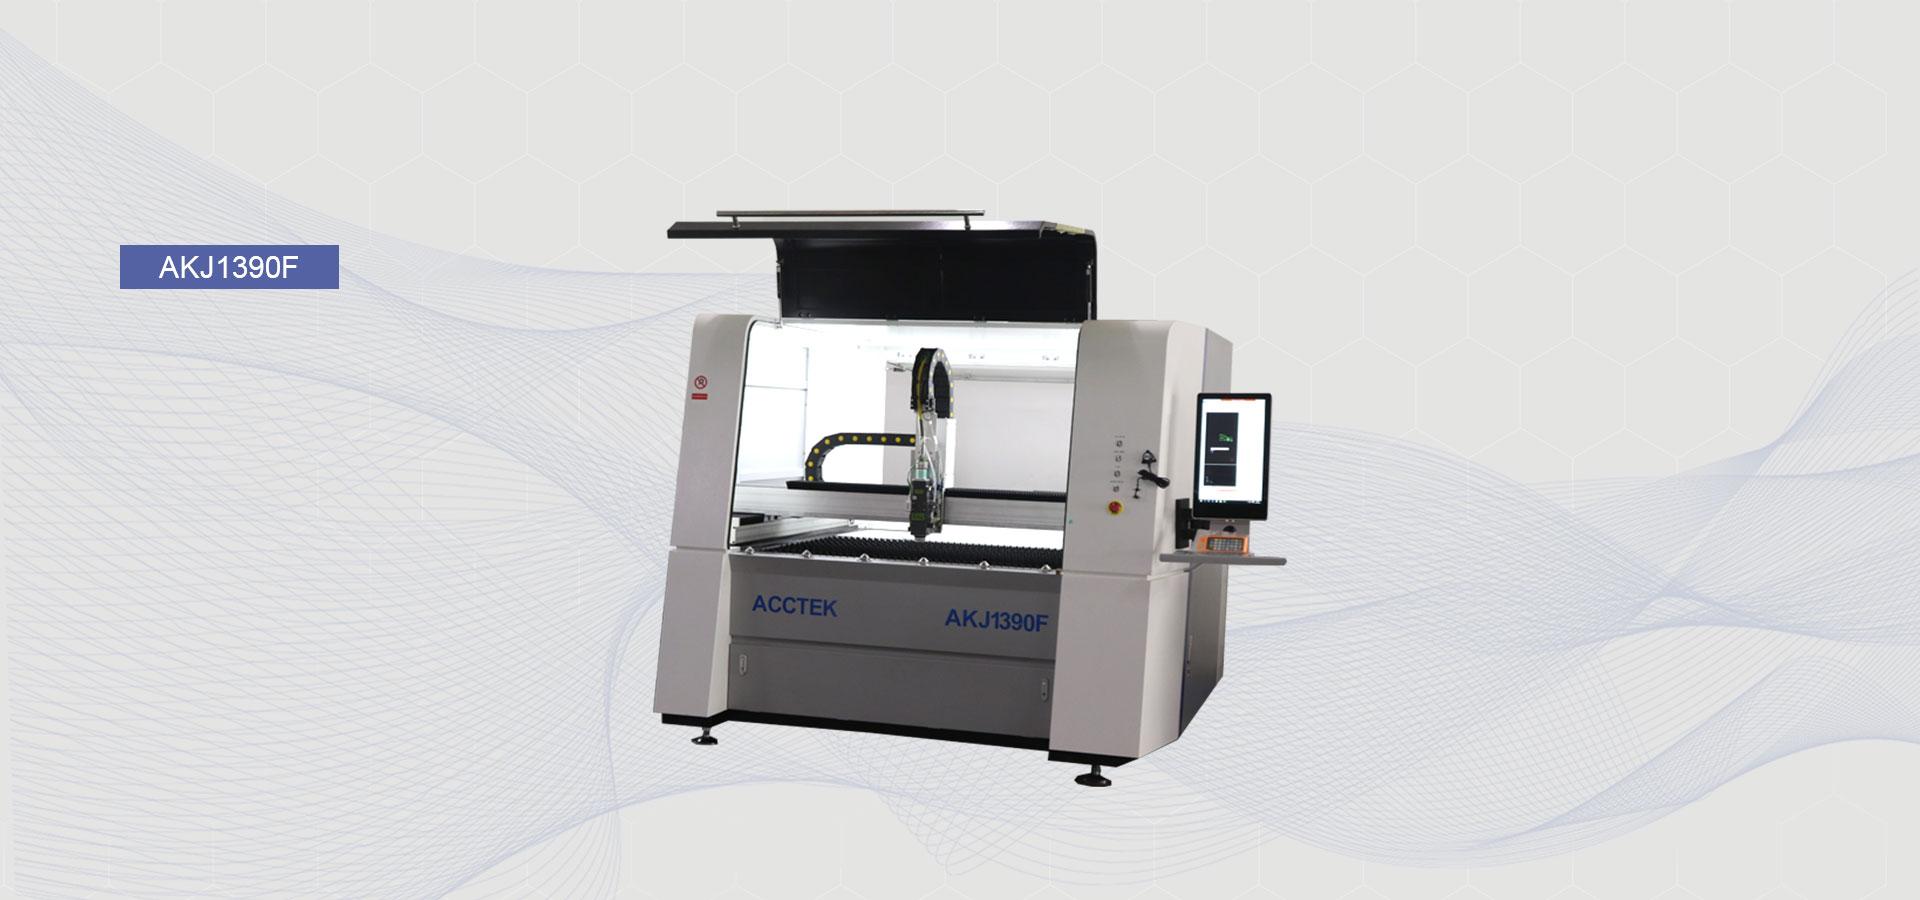 AKJ1390F